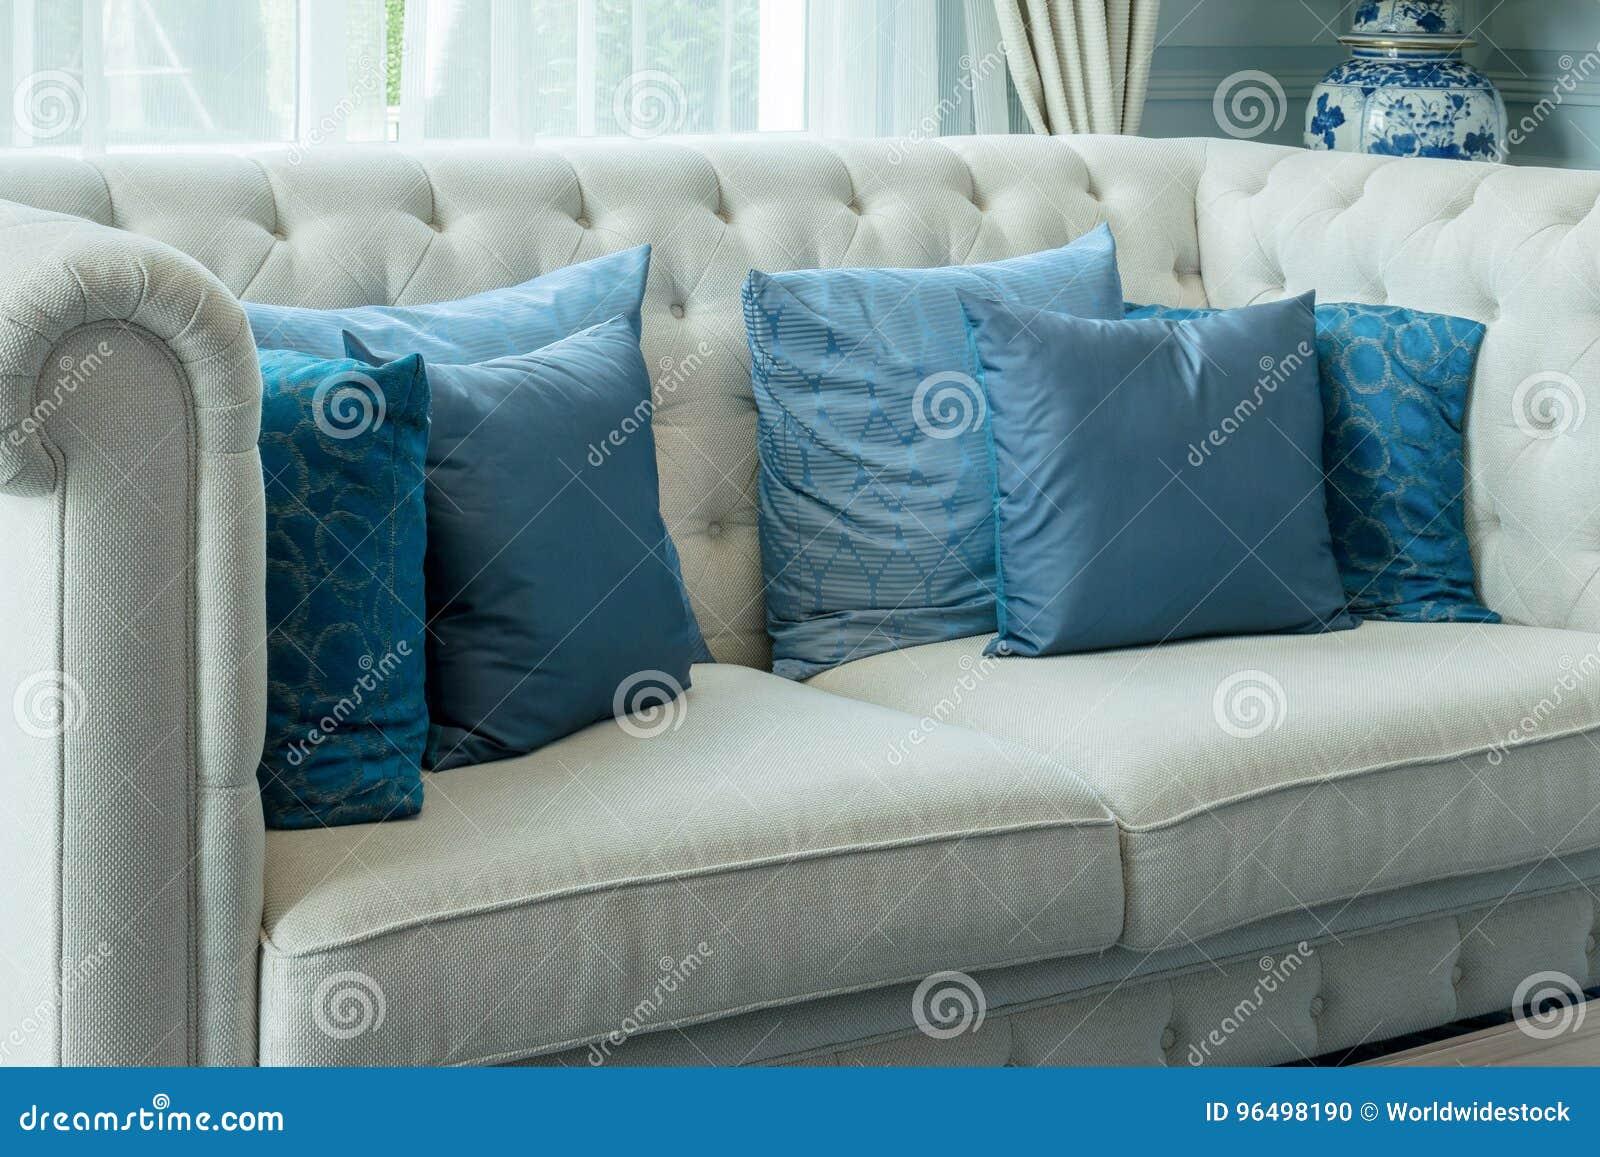 Innenarchitektur Des Luxuswohnzimmers Mit Blauem Muster ...